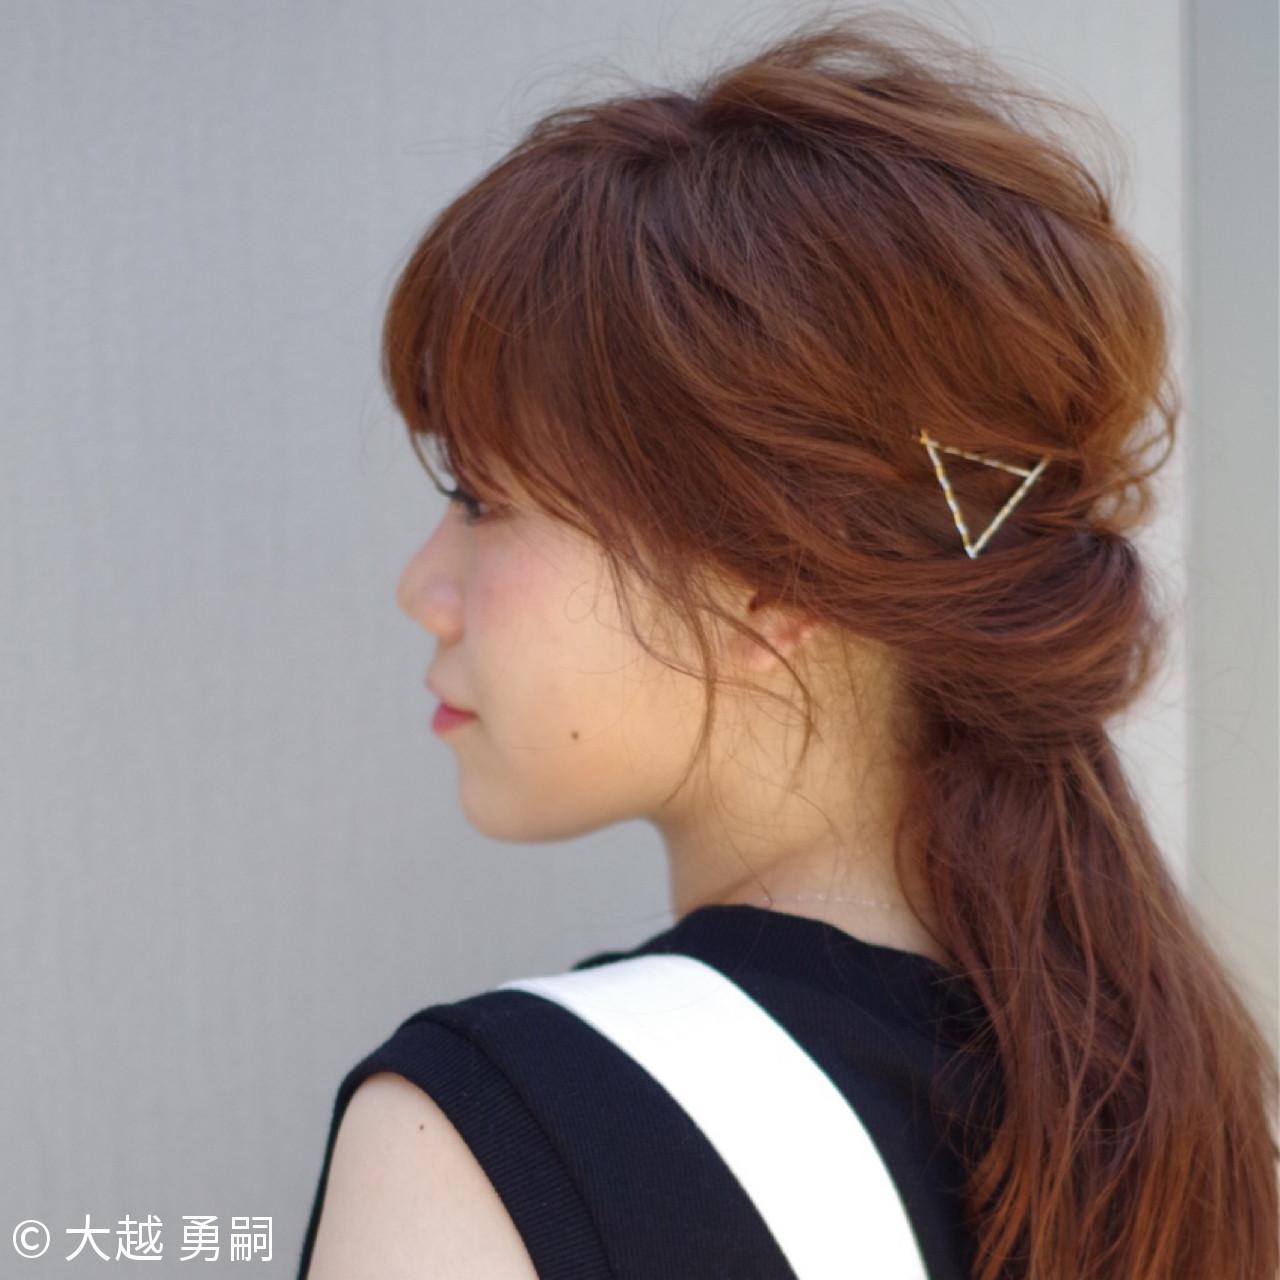 簡単ヘアアレンジ ヘアアレンジ ガーリー 大人女子 ヘアスタイルや髪型の写真・画像